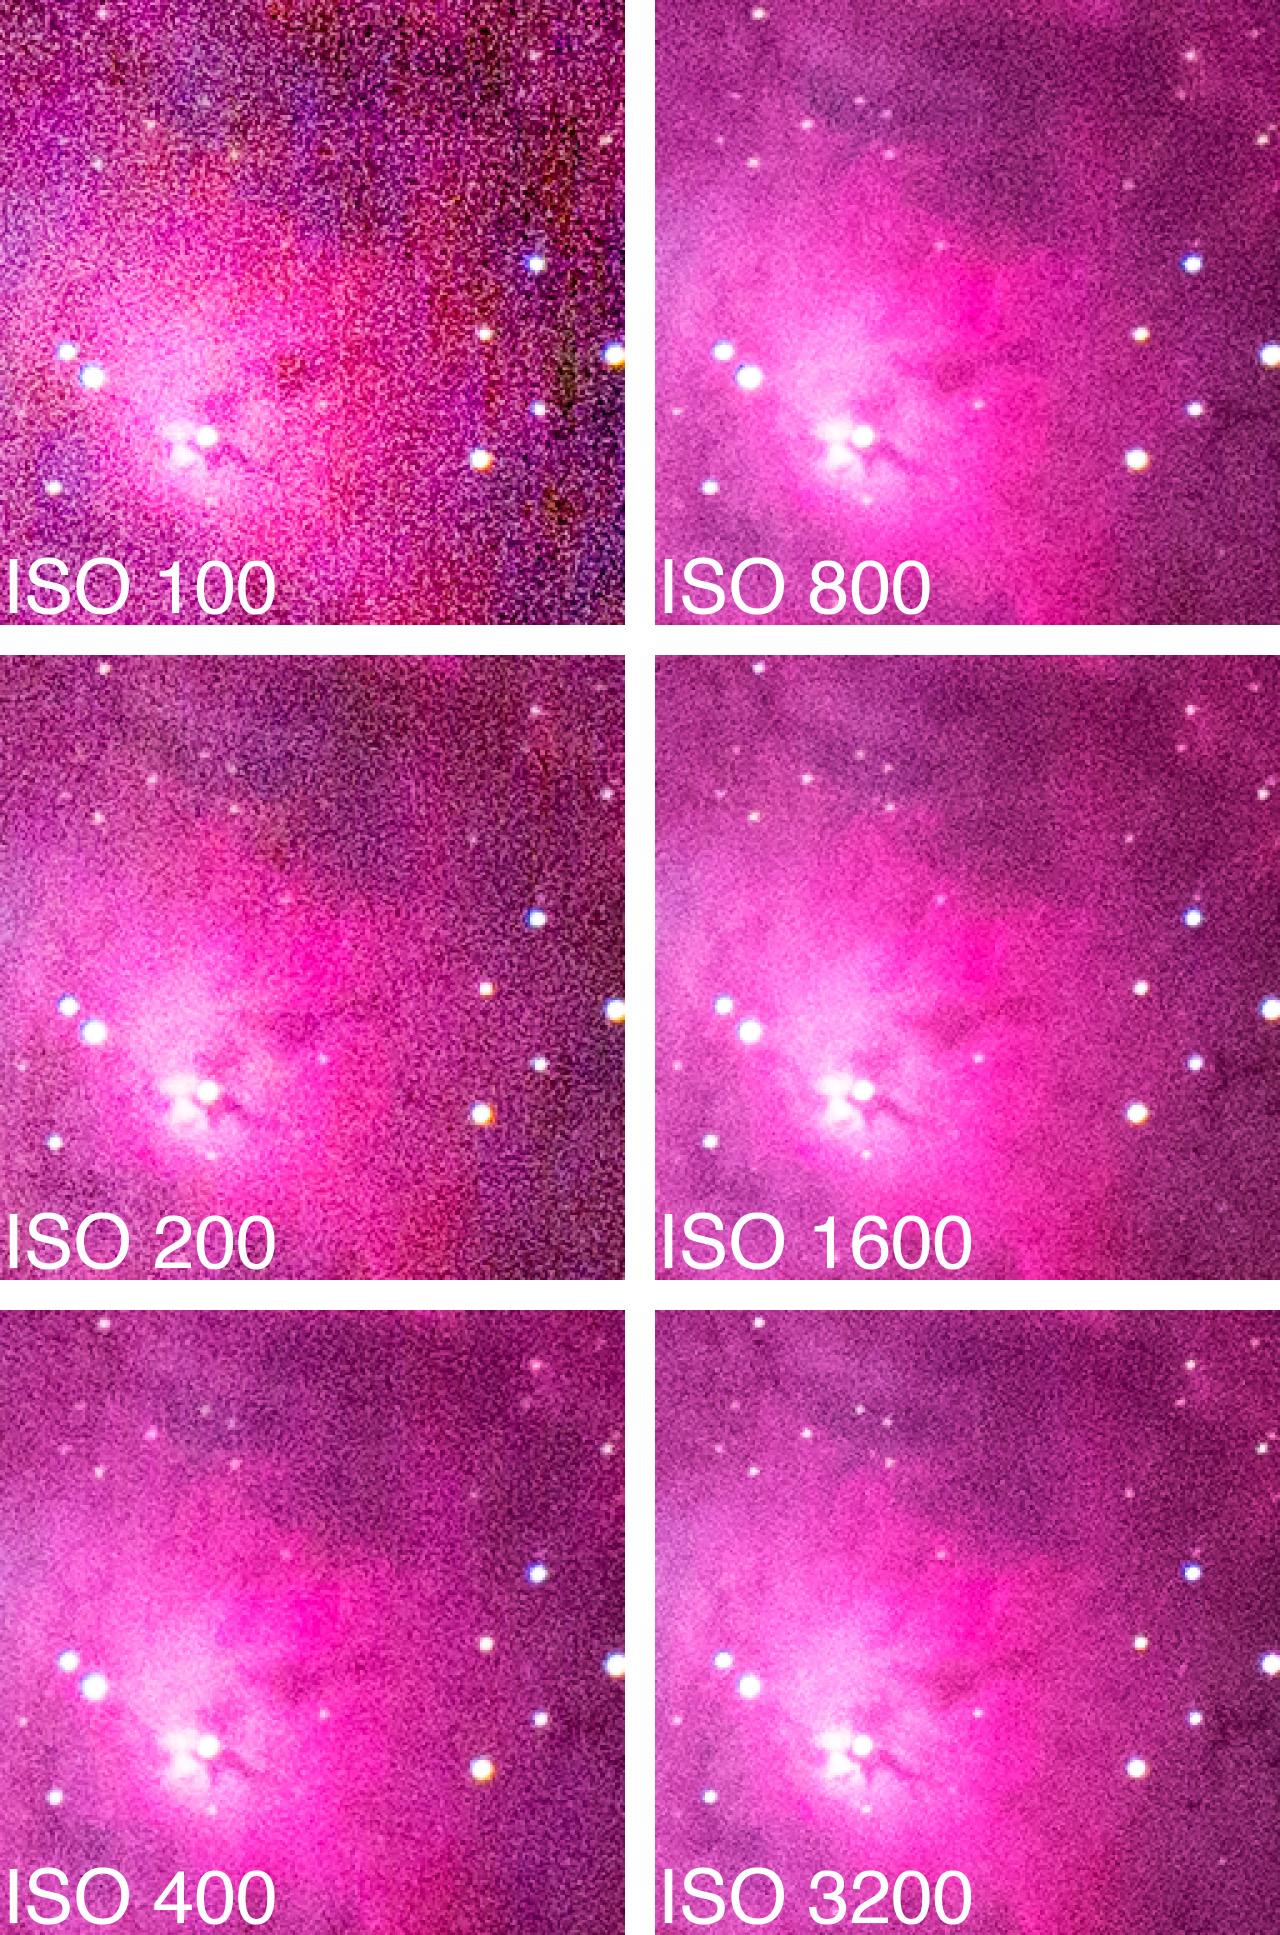 6D_ISO.jpg